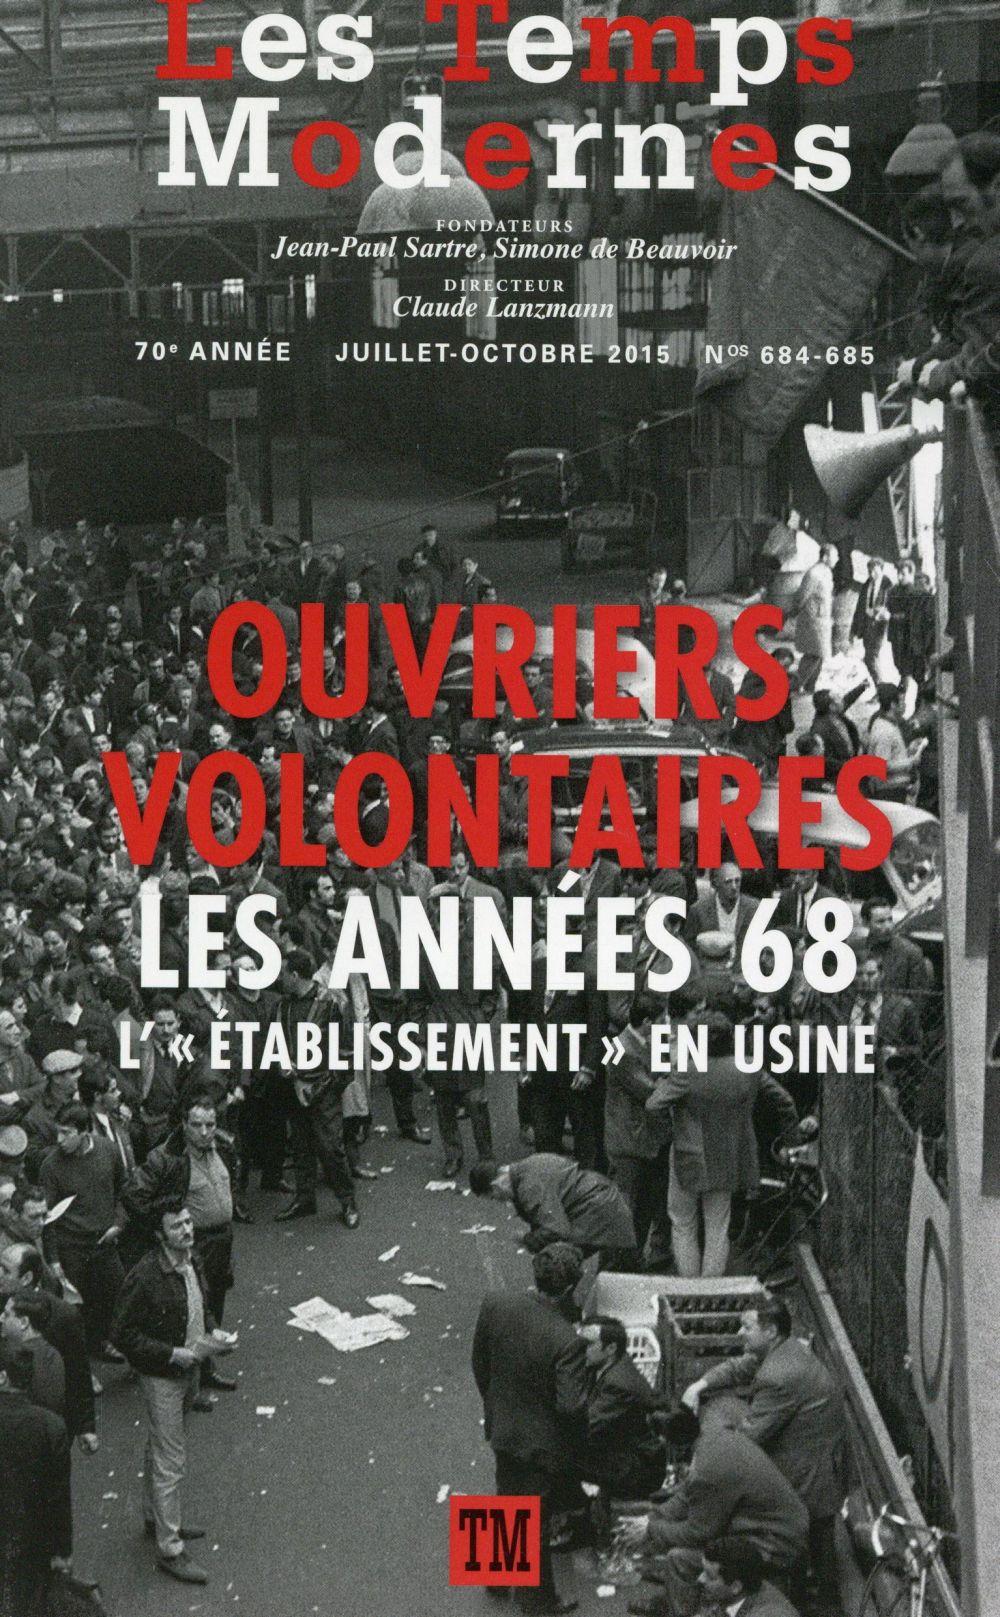 Revue les temps modernes n.684/685 ; ouvriers volontaires ; les annees 68 ; l'